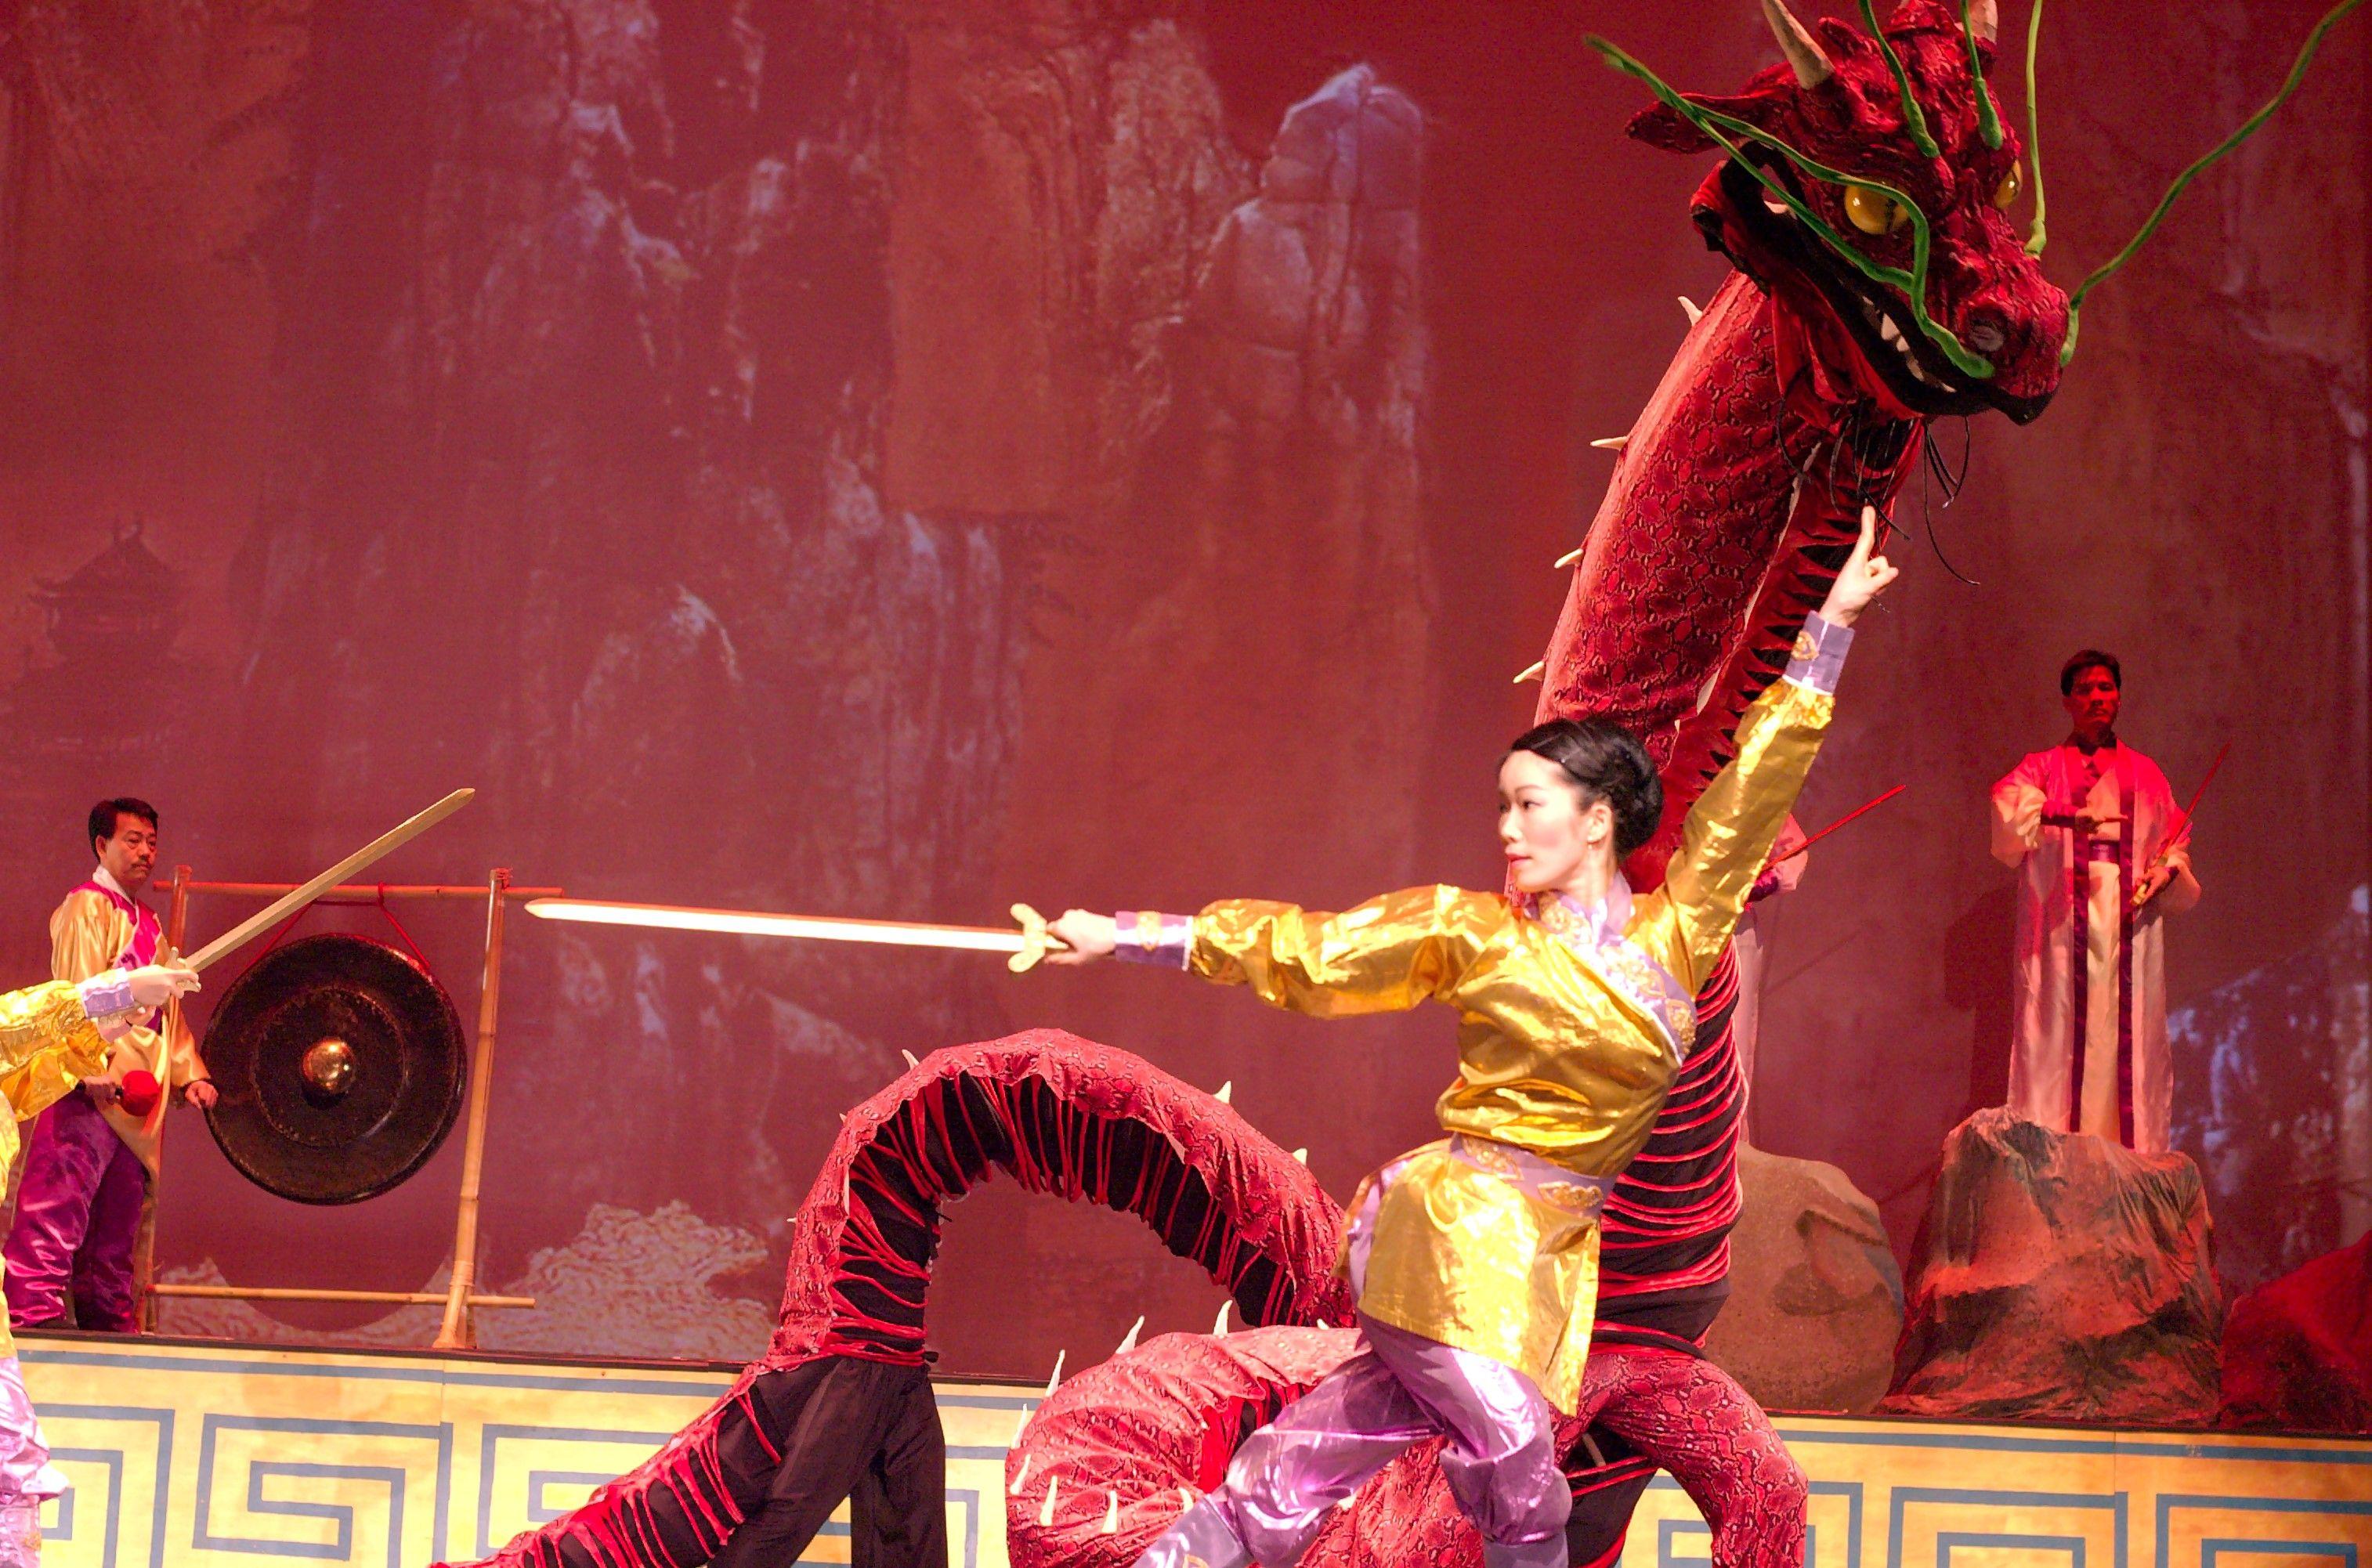 Mythen und Legenden – Neujahrsgala von New Tang Dynasty-TV in 16 Metropolen der Welt